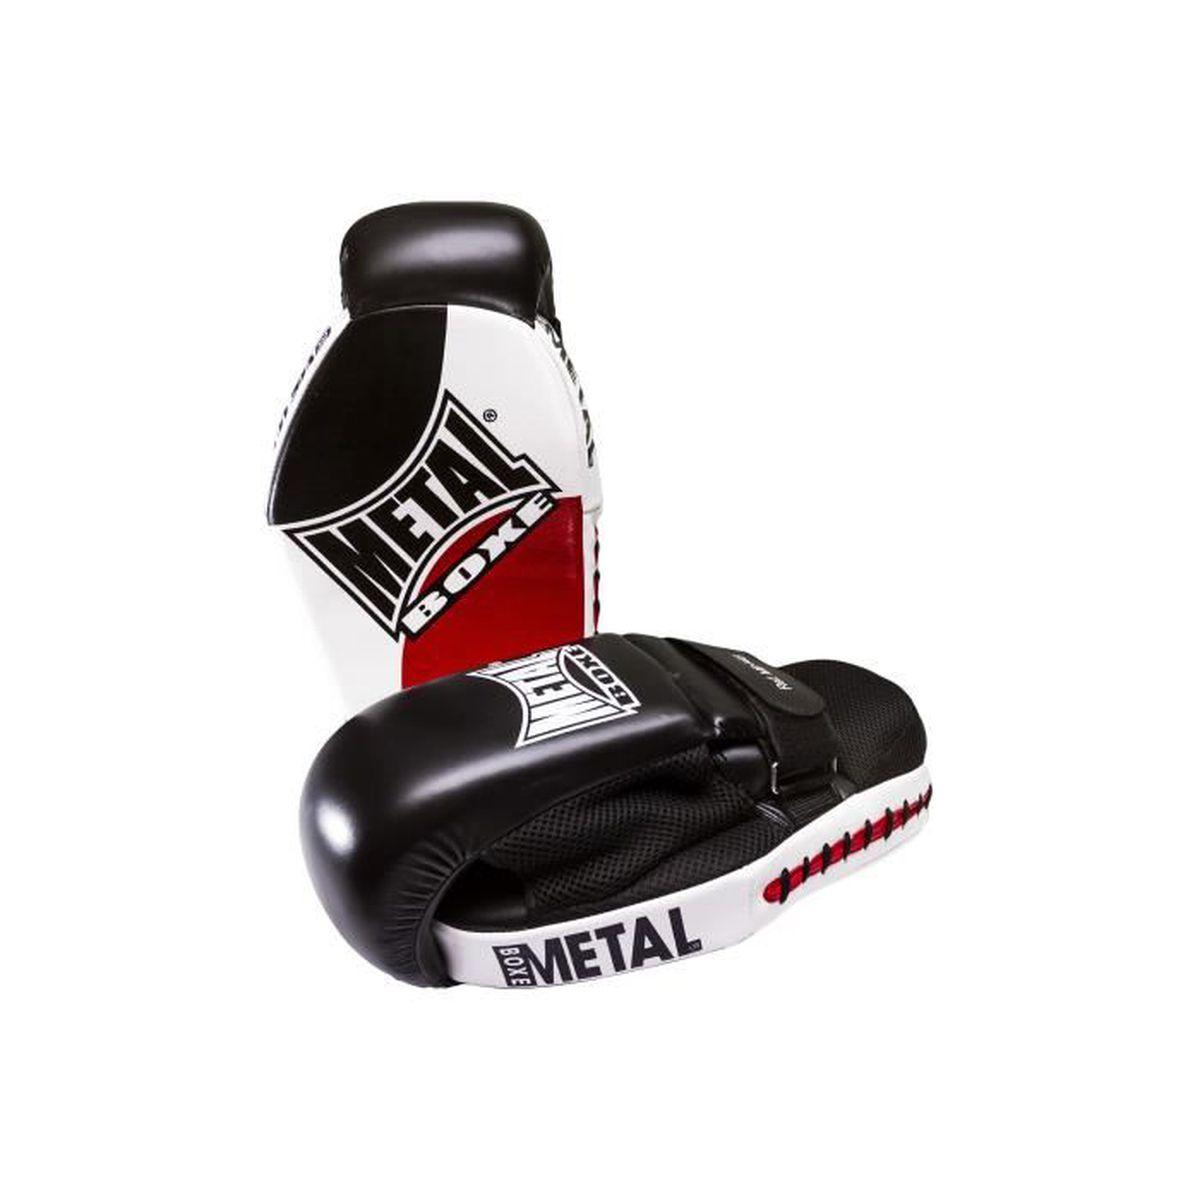 Metal MB216 Boxe Patte dours